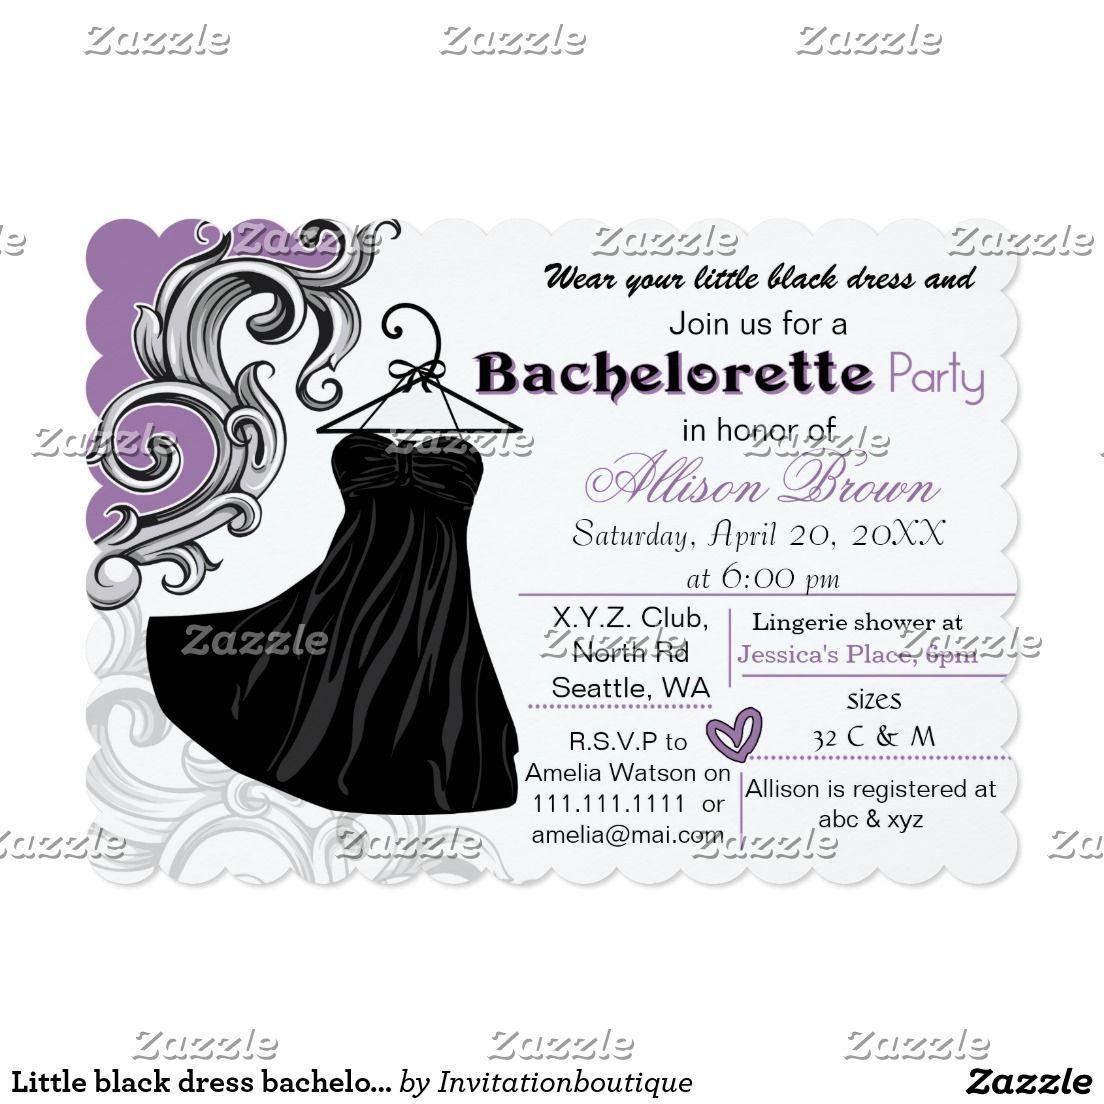 Little black dress bachelorette party invite | Bachelorette party ...